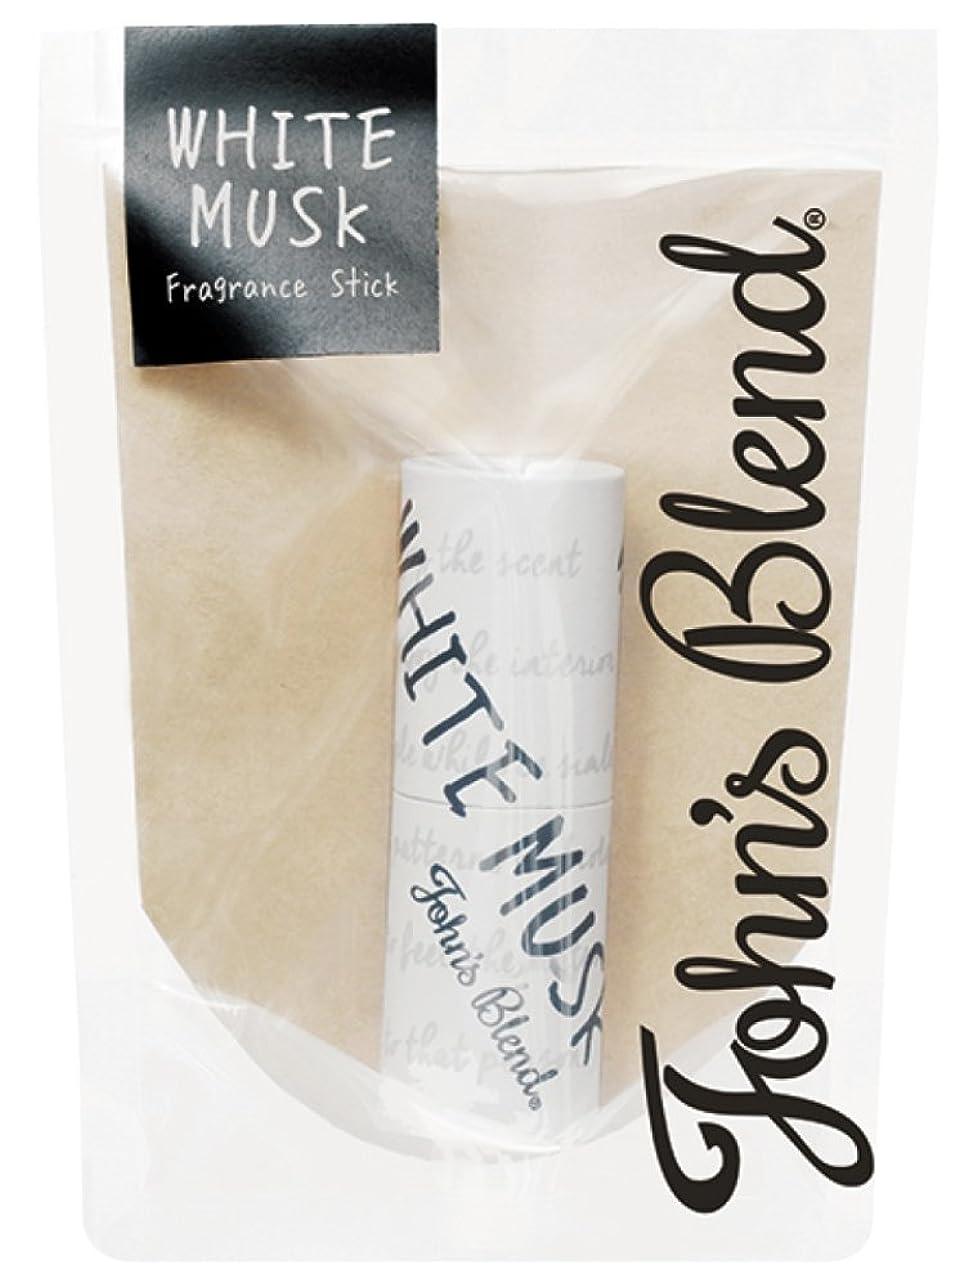 乱気流ソースソースノルコーポレーション John's Blend 練り香水 フレグランススティック OZ-JOD-3-1 ホワイトムスクの香り 3.5g